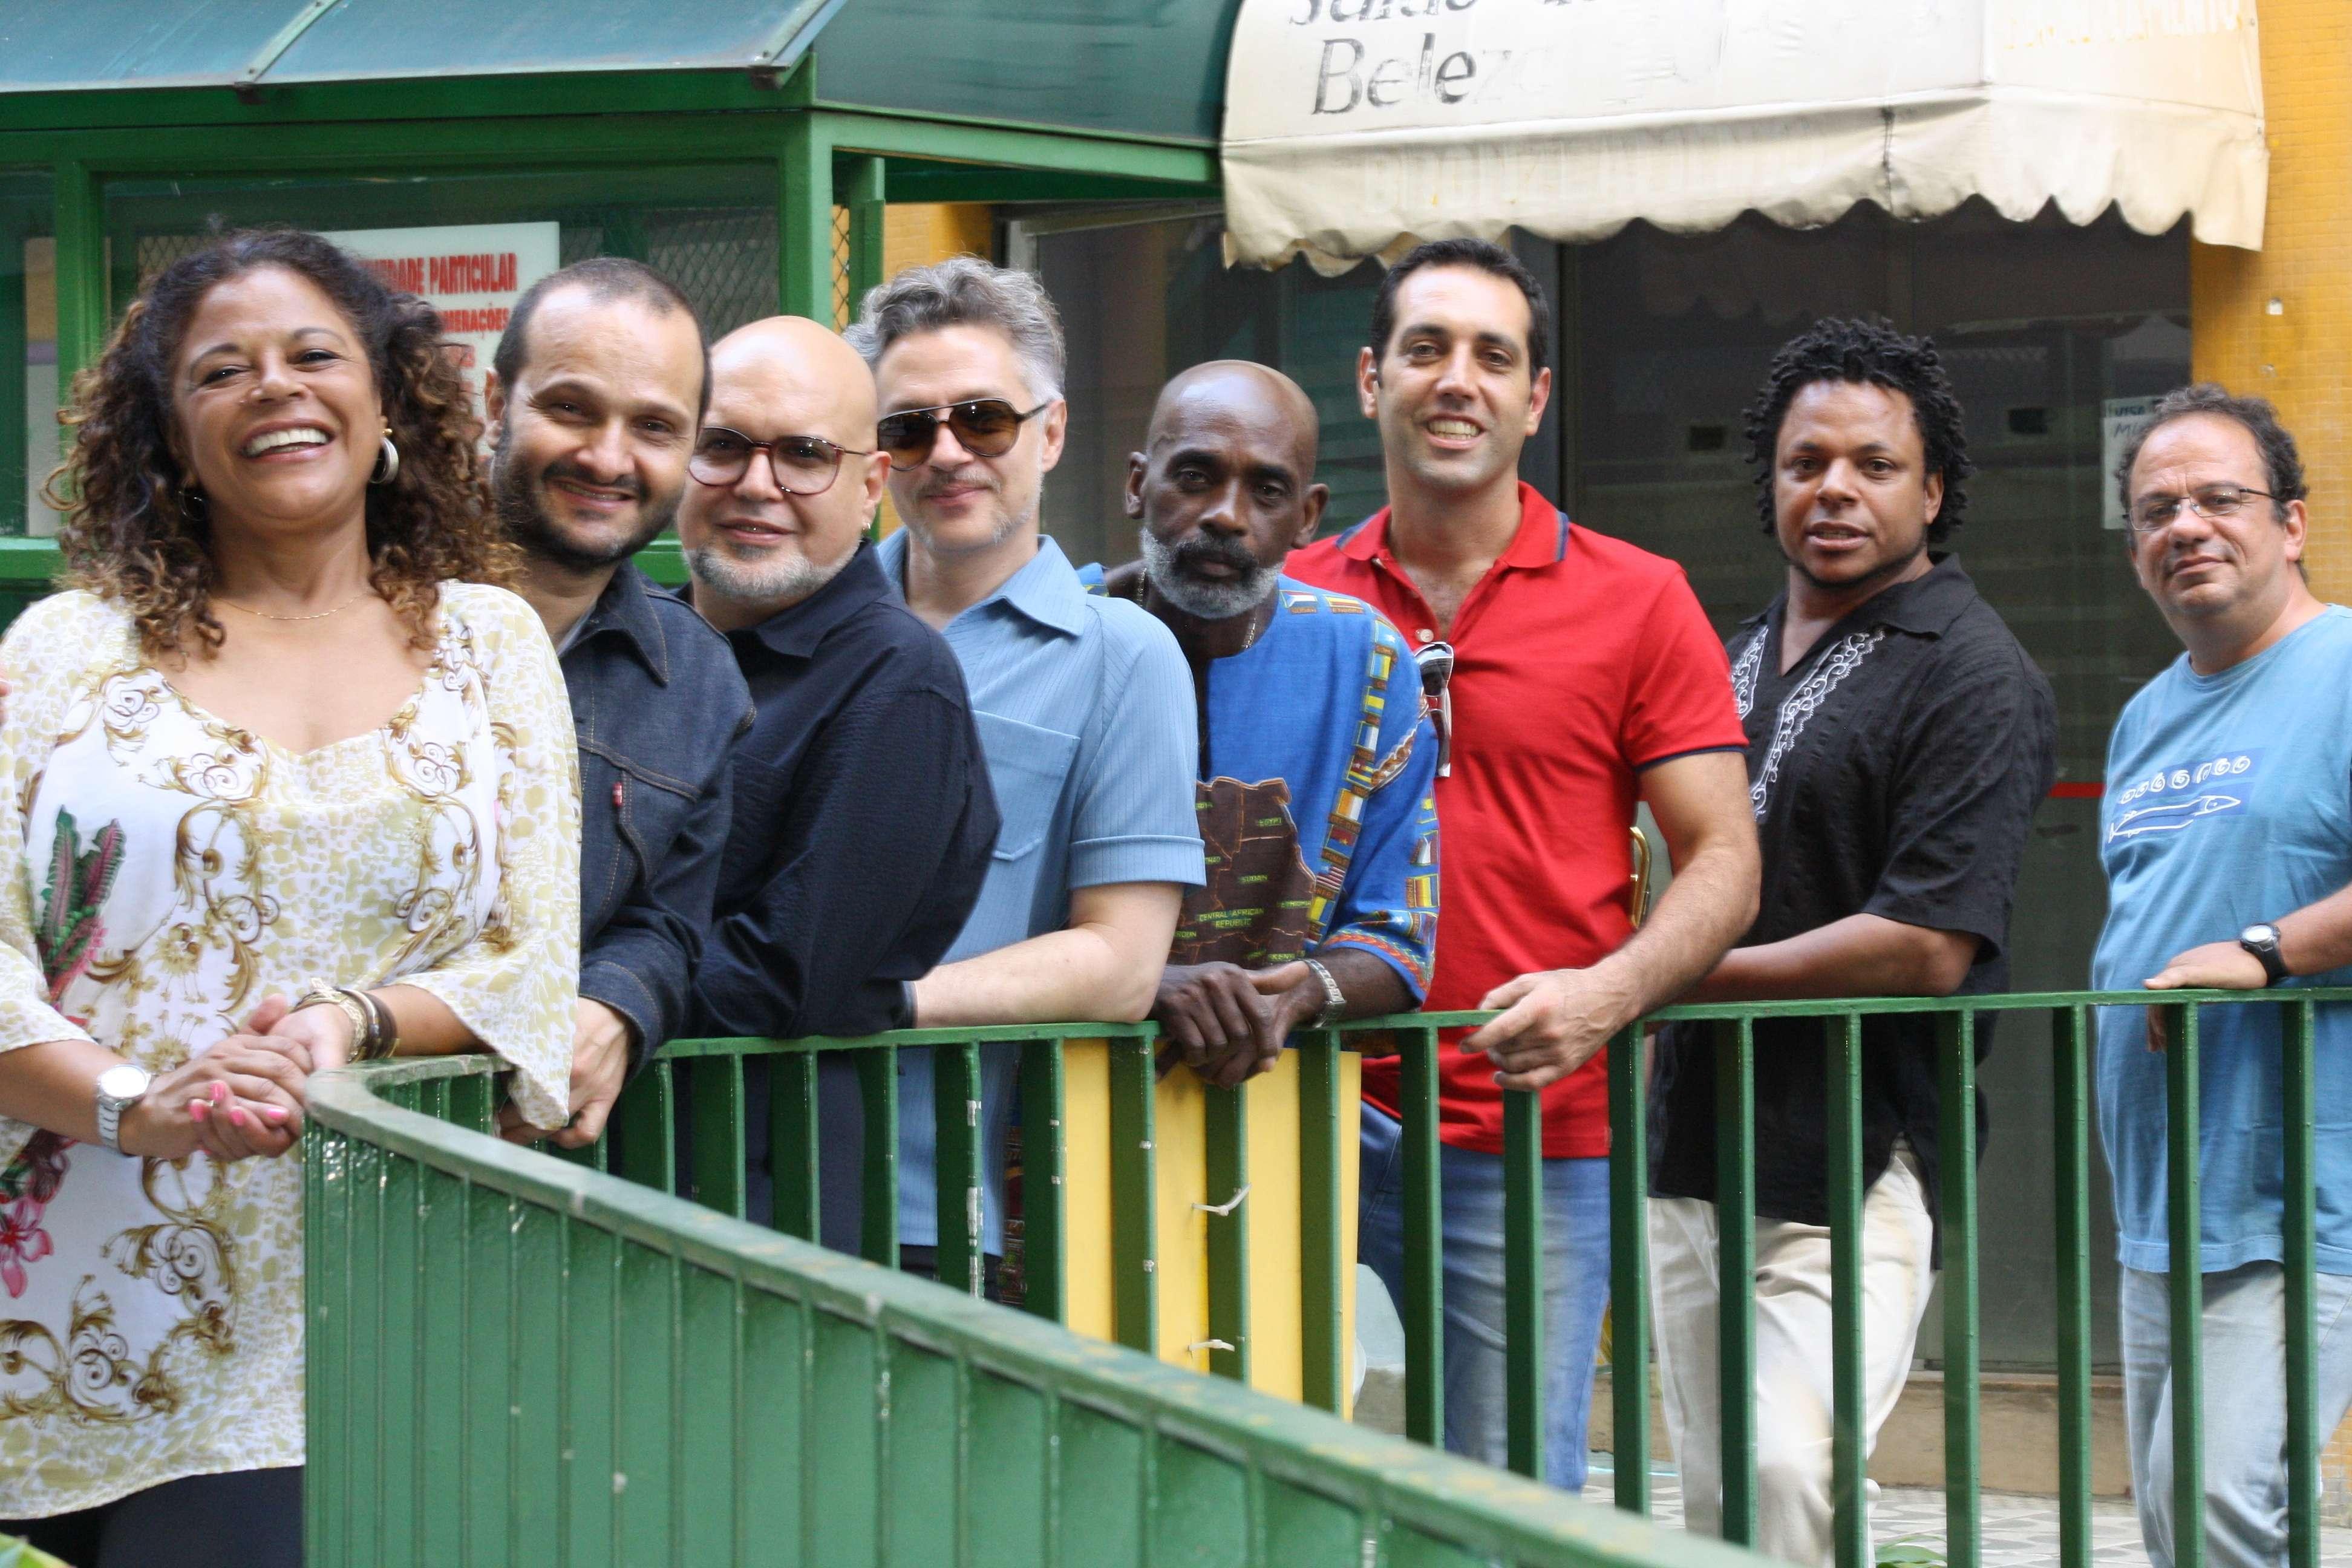 Noite cheia de swing com Clube do Balanço e Jorge Ben